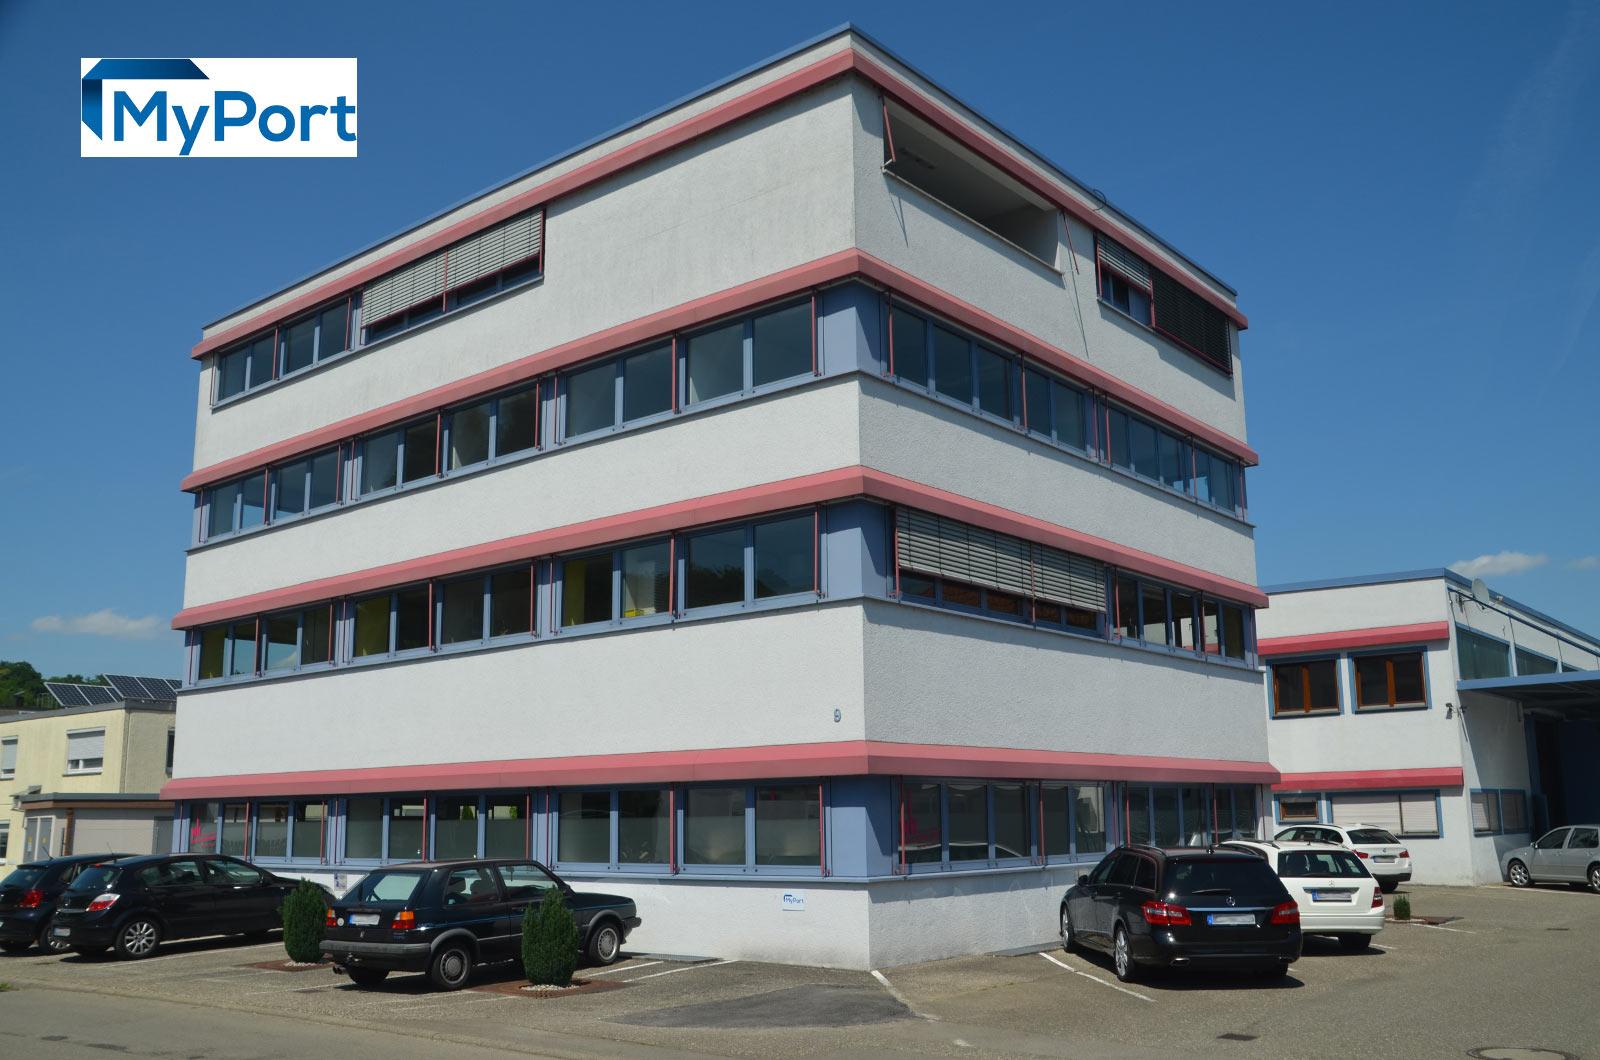 Picturesque Myport Photo Of Kontakt